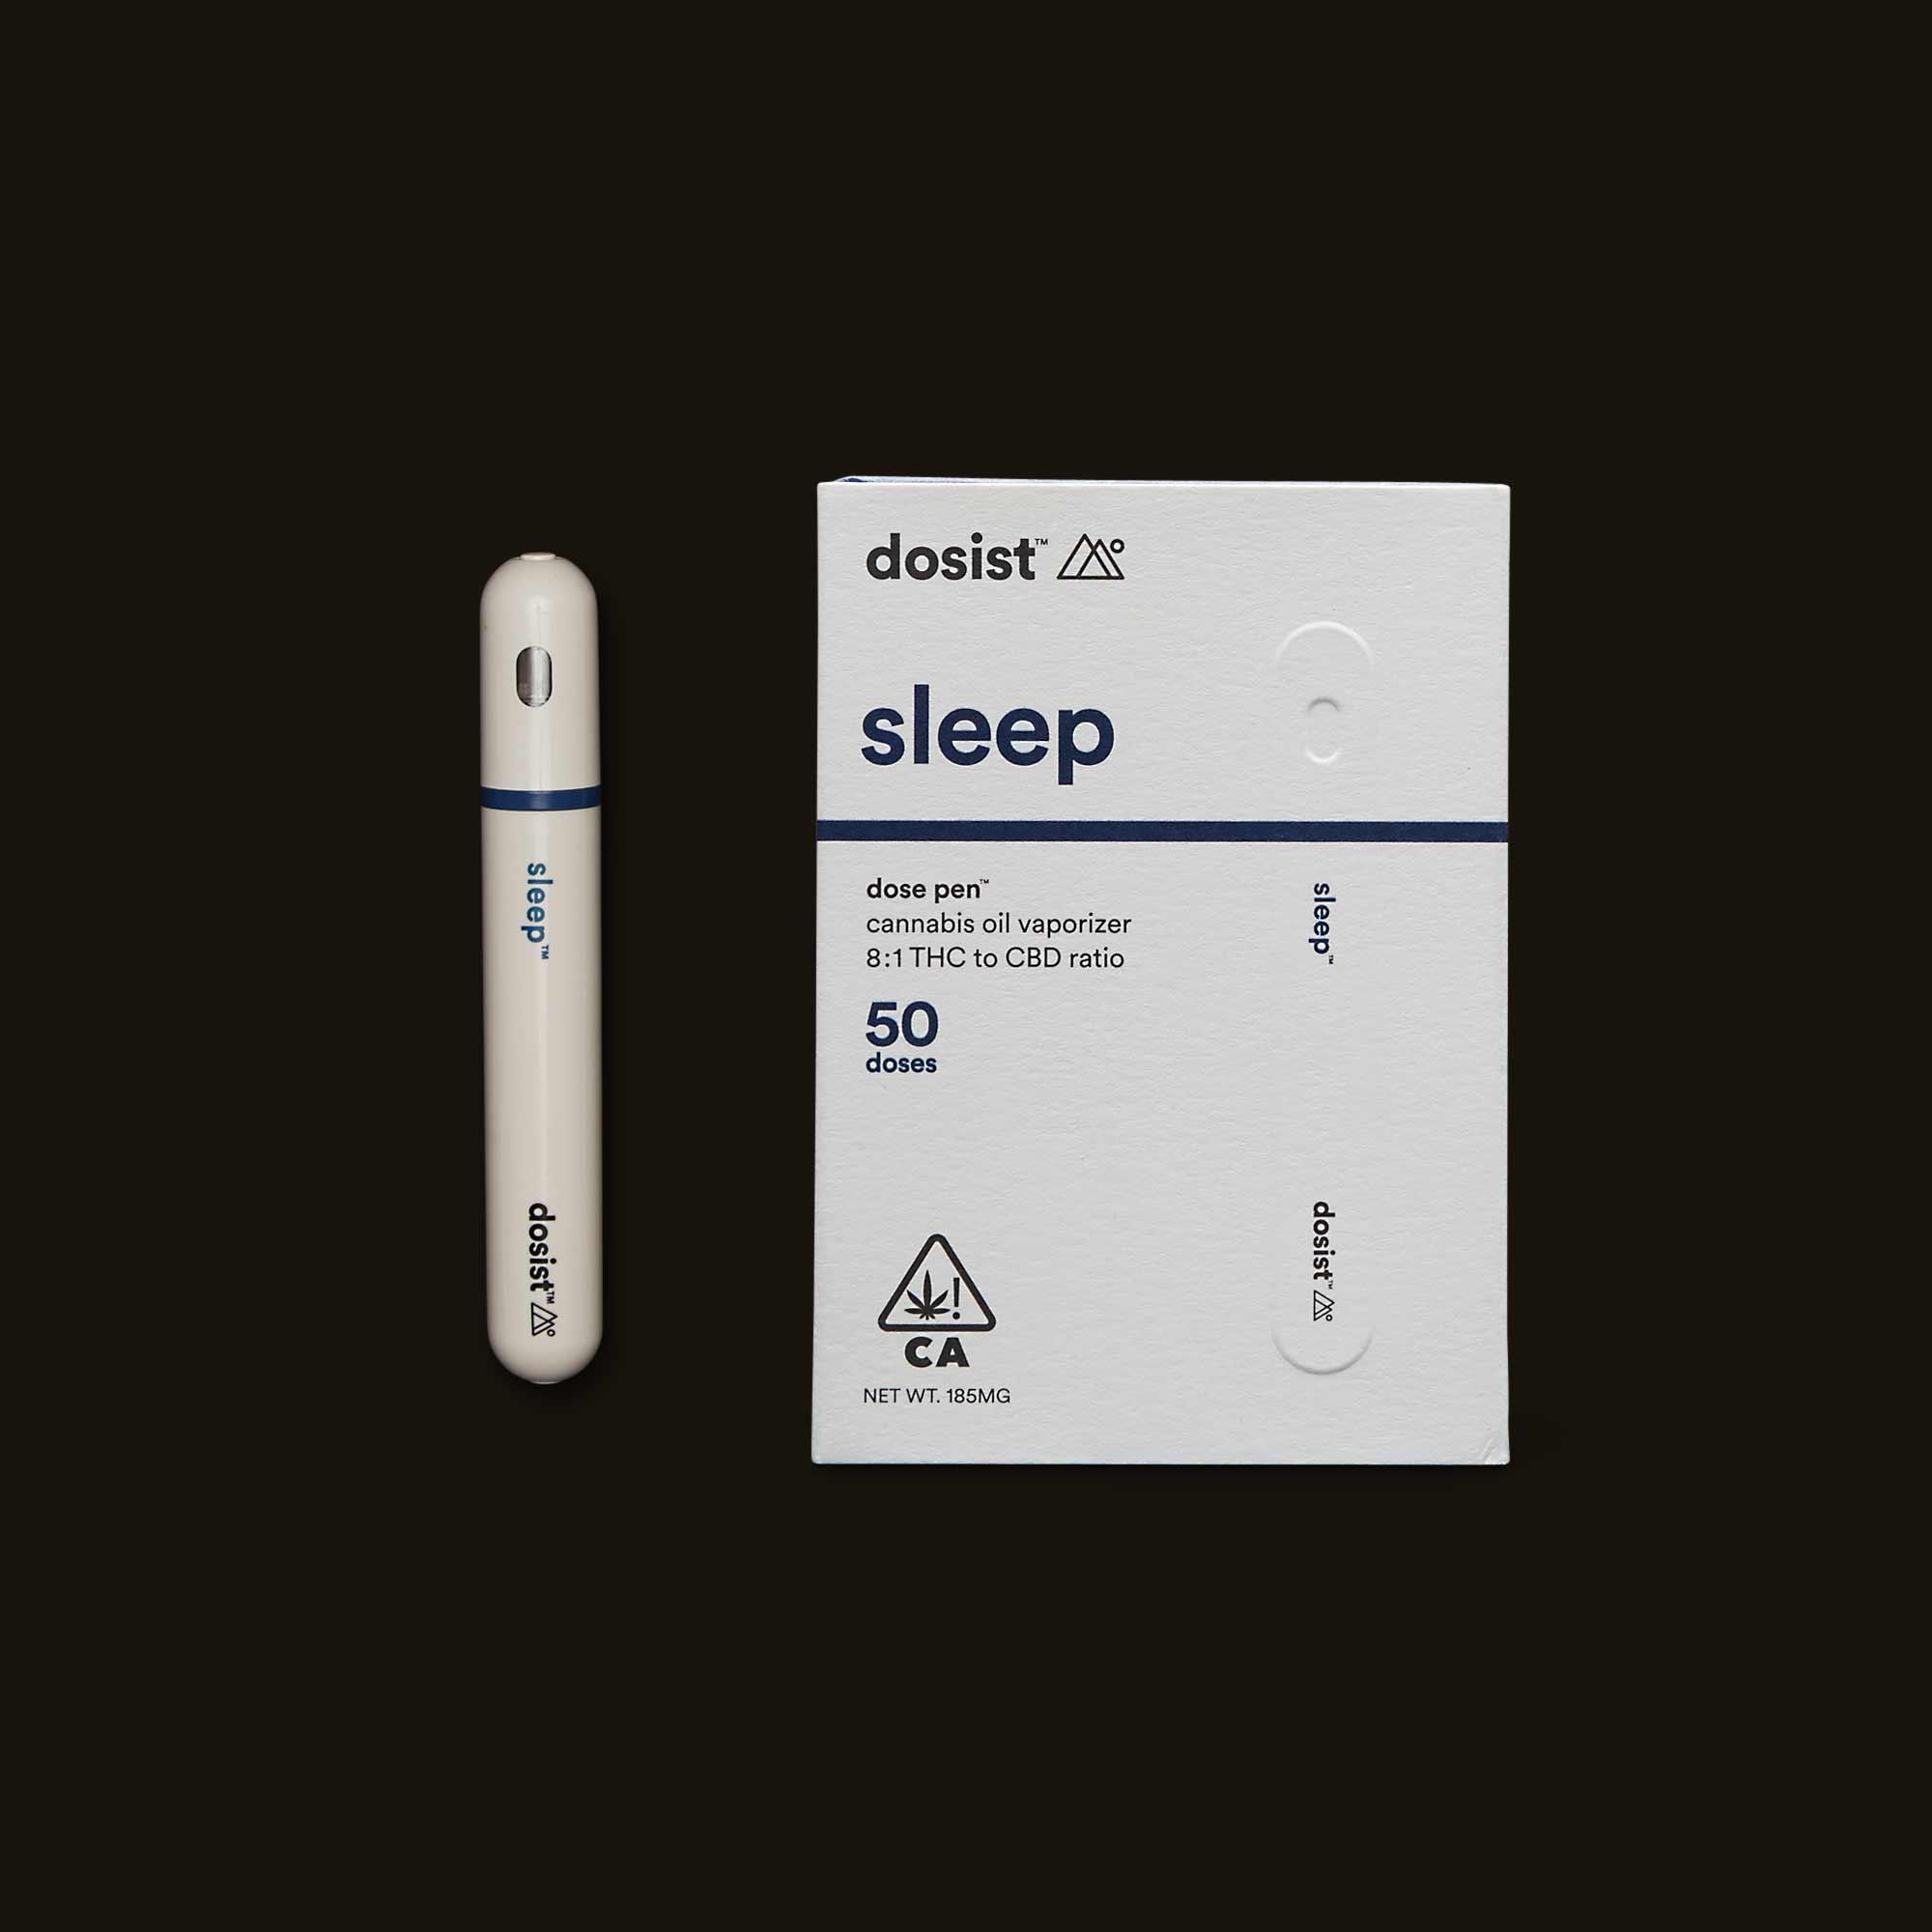 dosist sleep